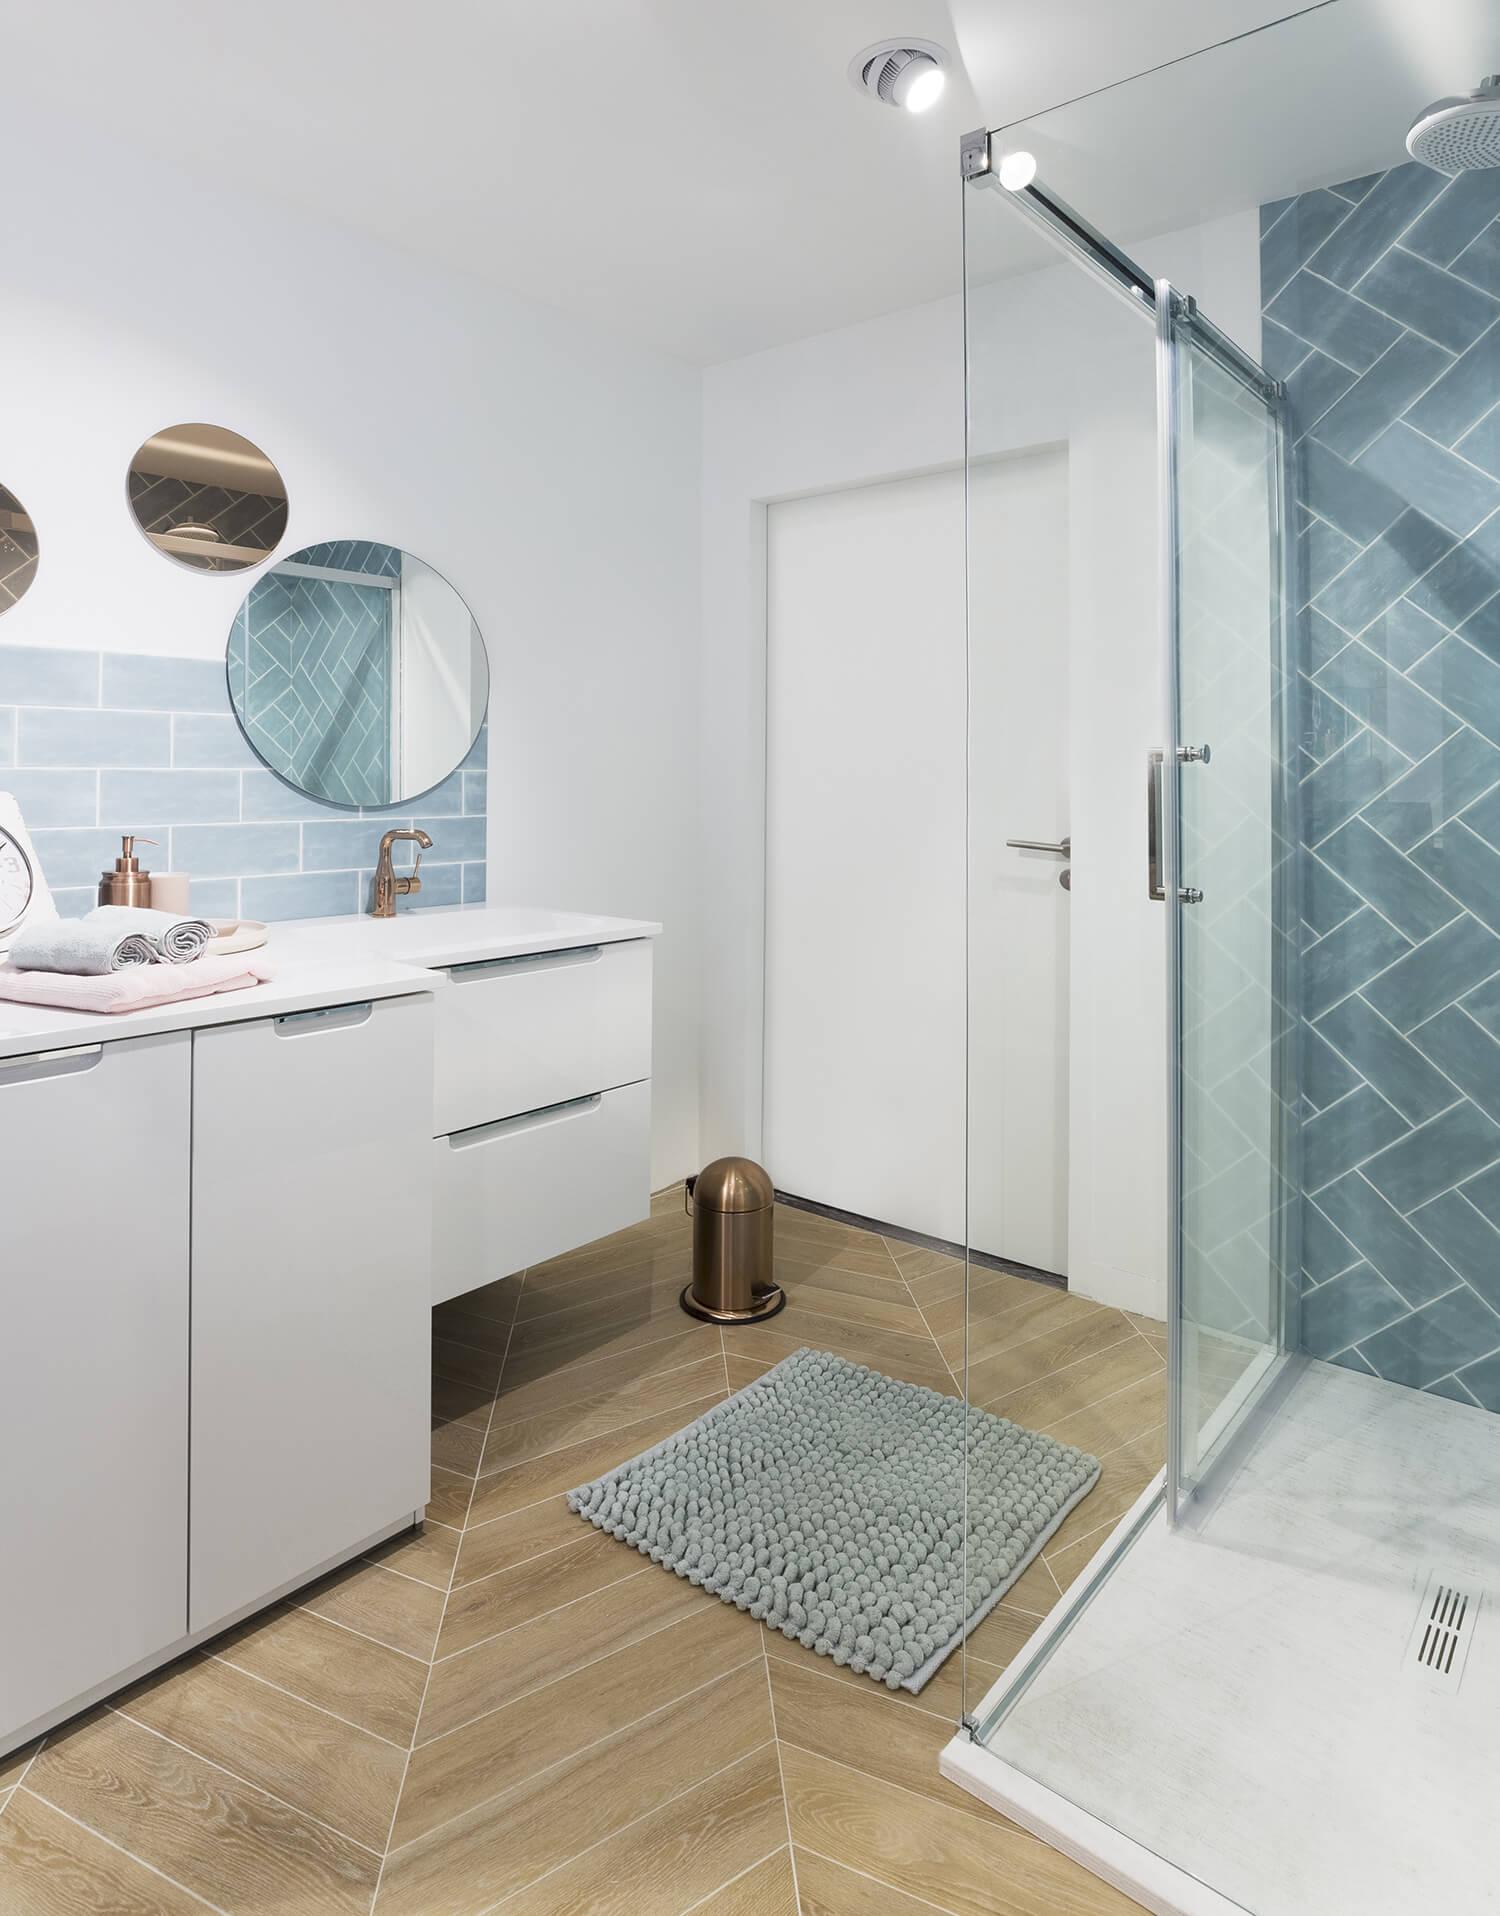 Envie de Salle de bain, un lieu inspirant au coeur de Paris